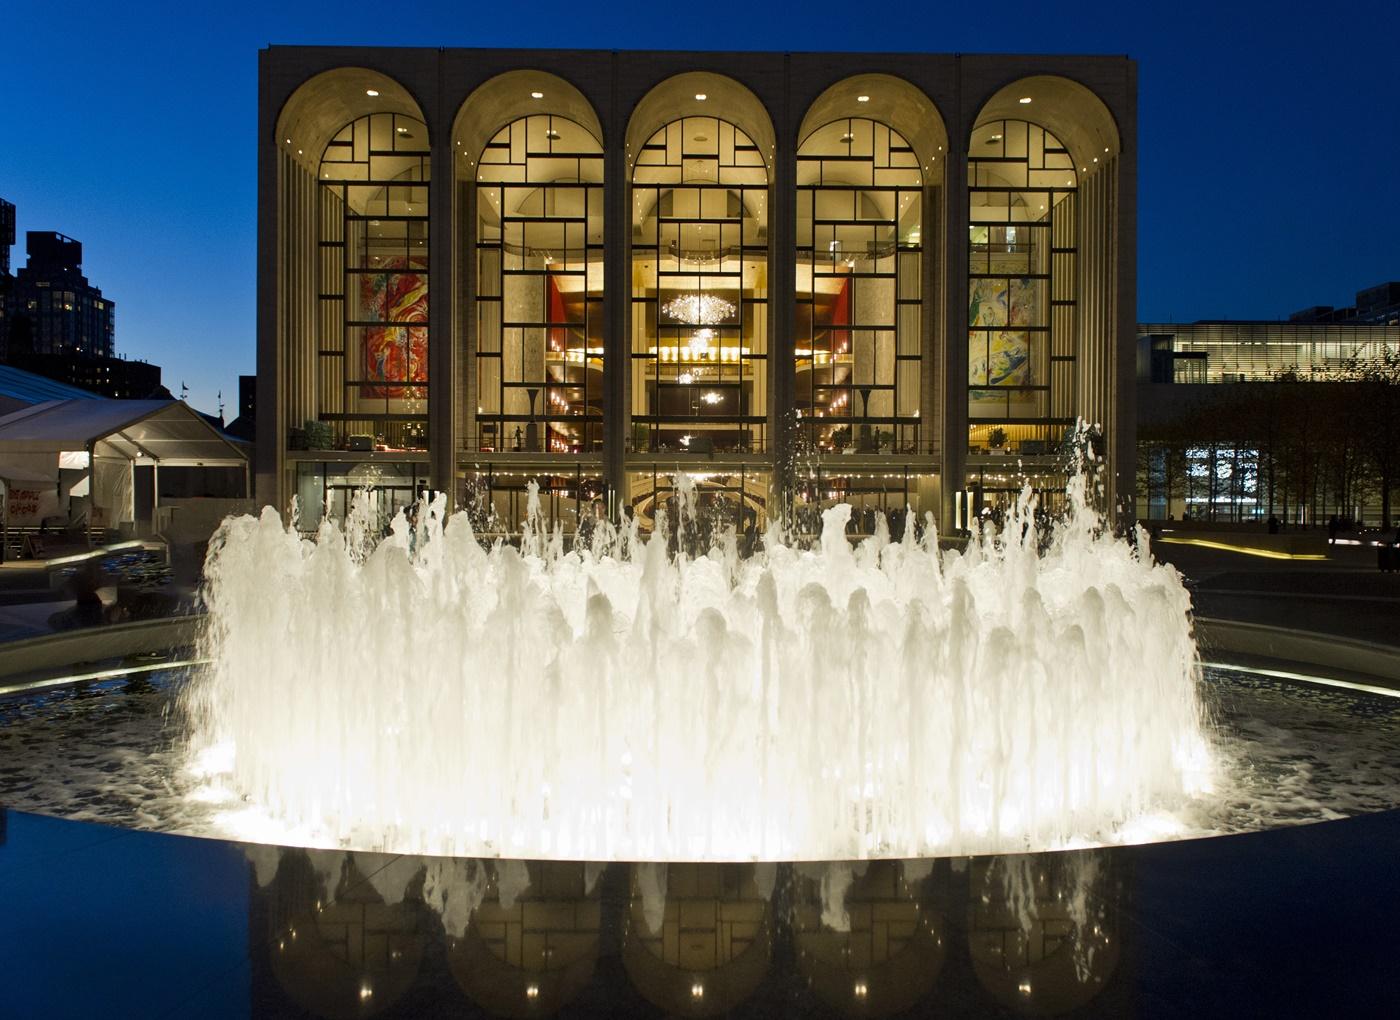 メイン画像1:operahouse(C)Jonathan Tichler/Metropolitan Opera